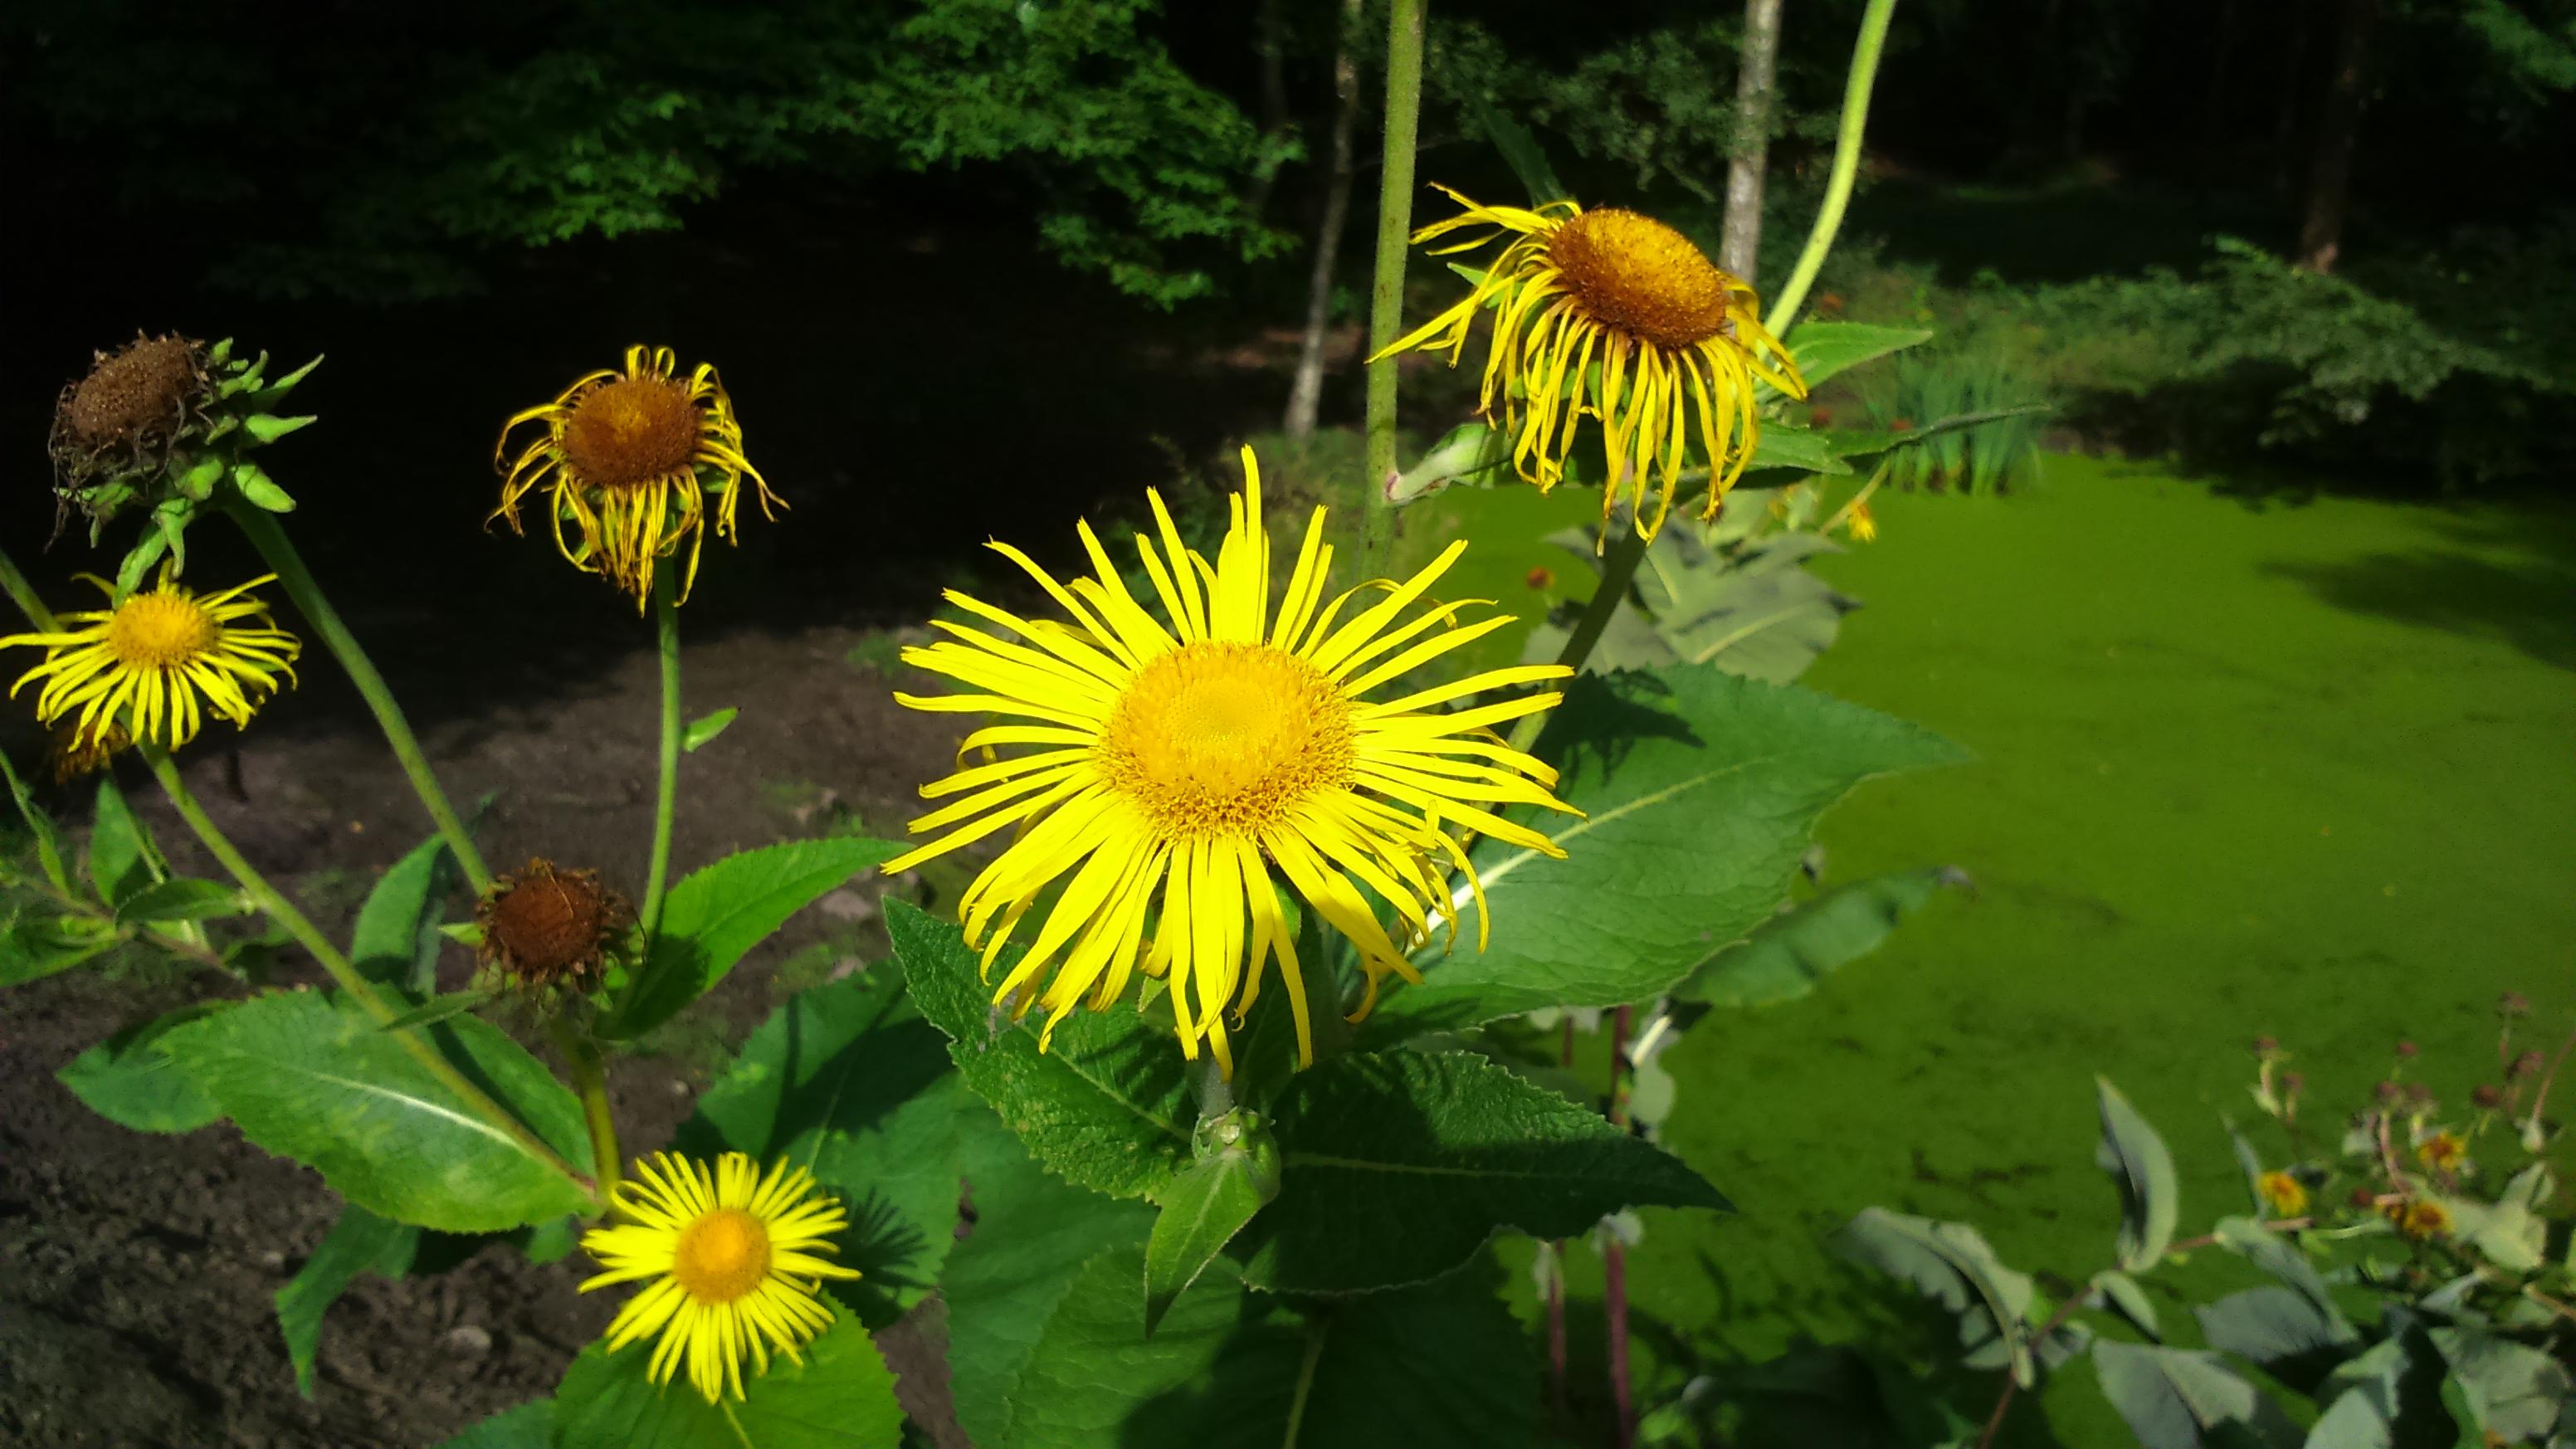 Foto Stok Gratis Tentang Bunga Matahari Penuh Warna Warna Warni